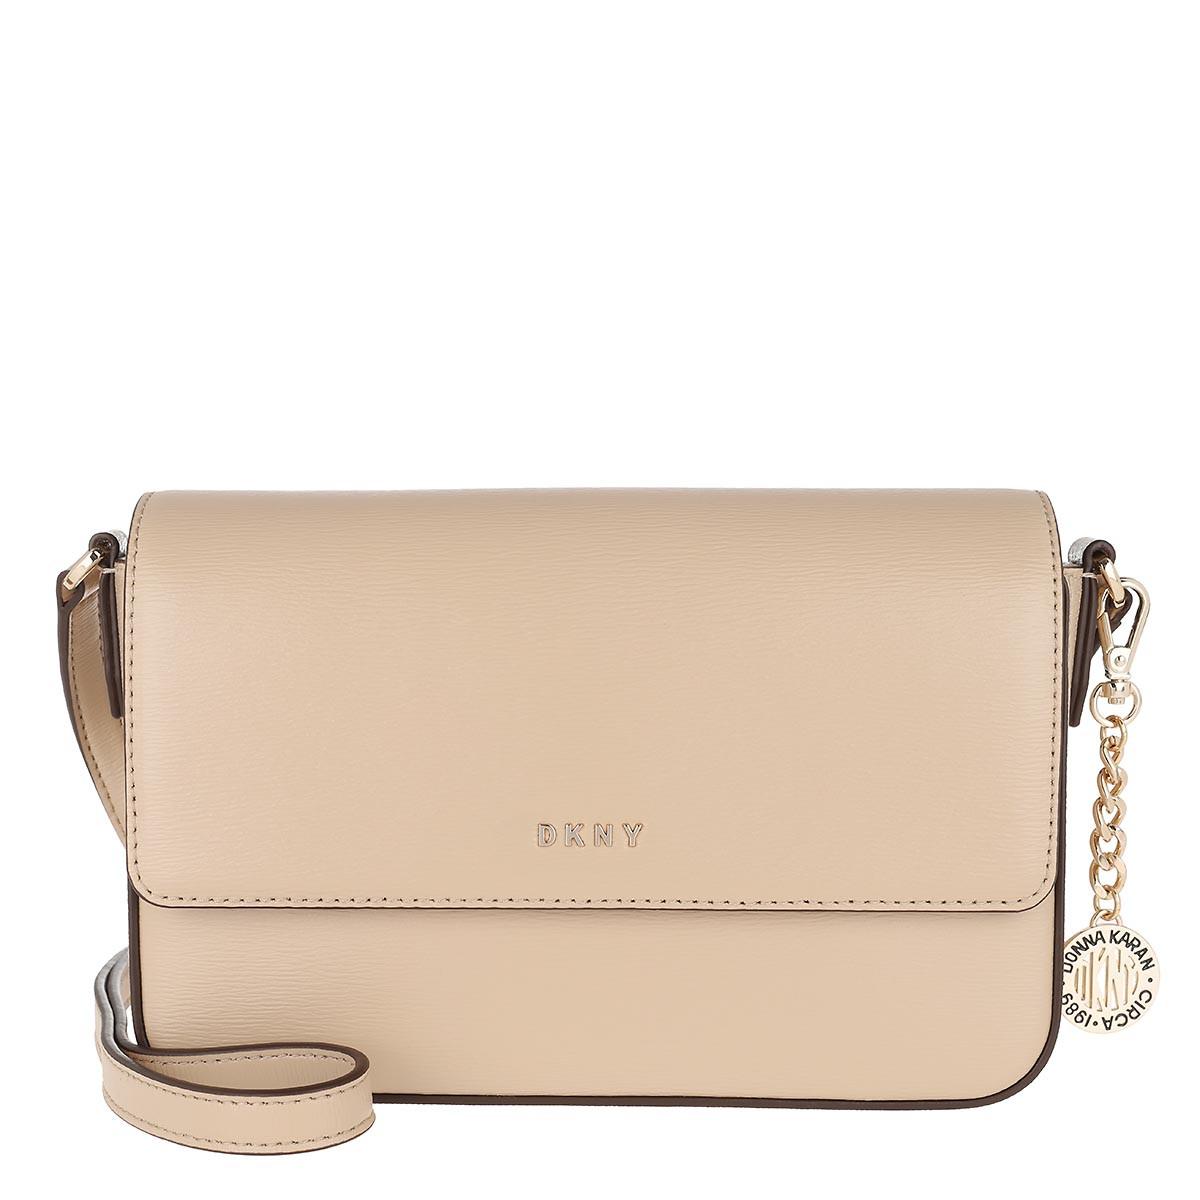 DKNY Umhängetasche - Bryant Medium Flap Crossbody Bag Sand - in beige - für Damen